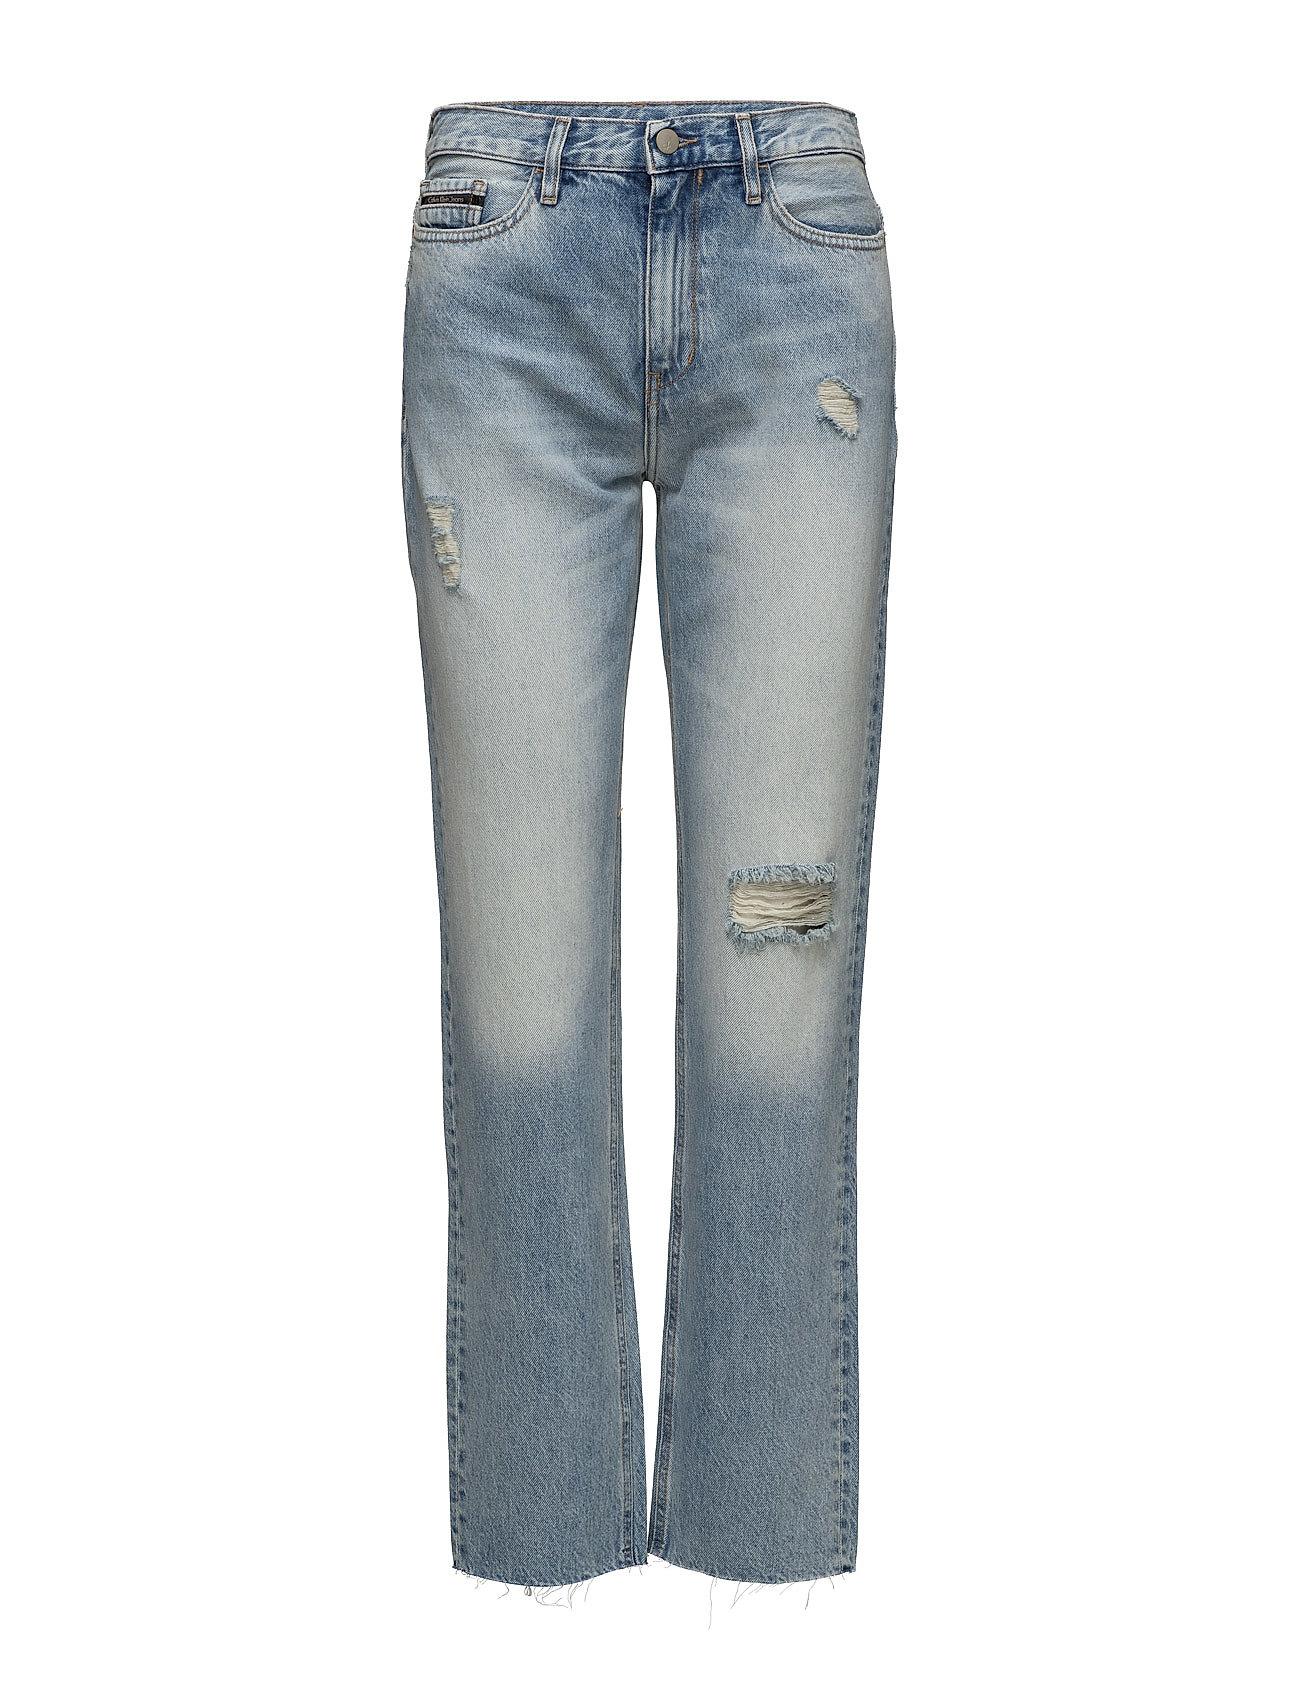 calvin klein jeans Hr straight ankle ra på boozt.com dk